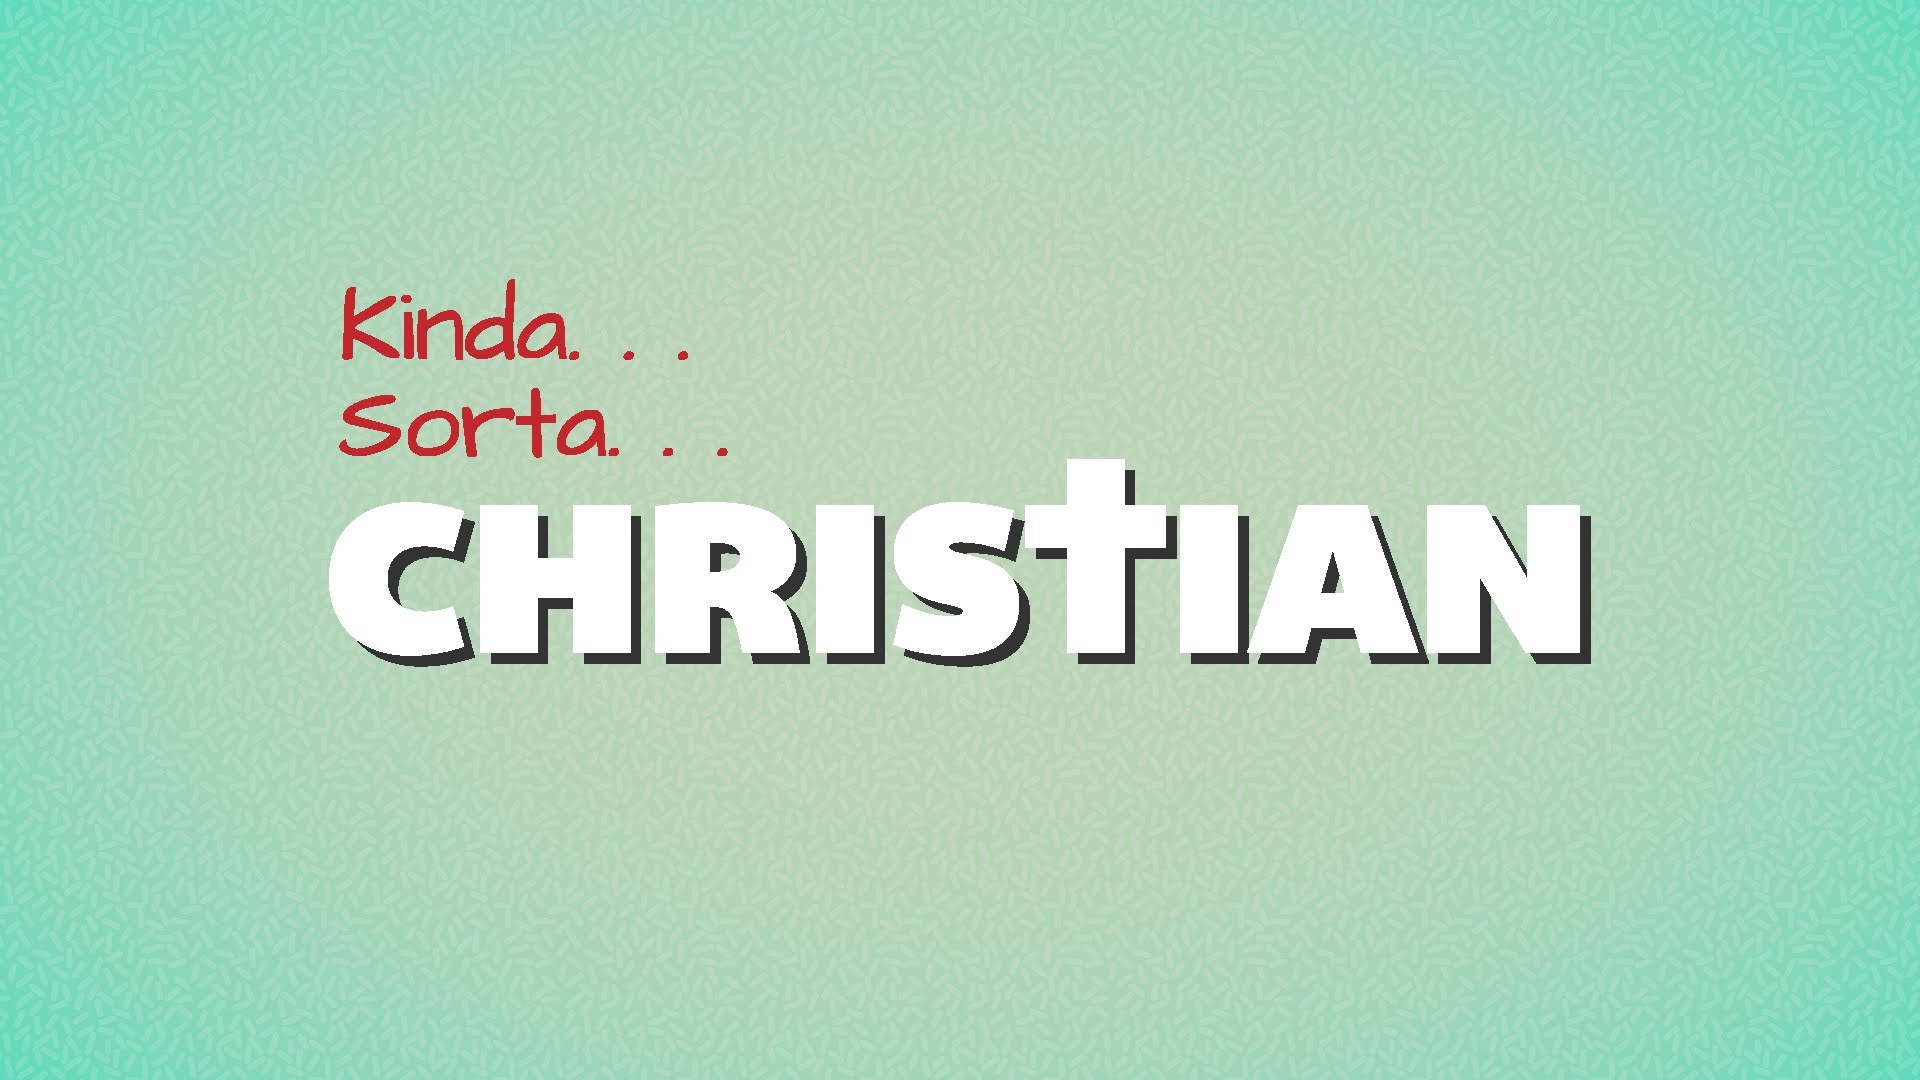 Un poco Sorta Christian: Creo en Dios, pero no confíes en él completamente